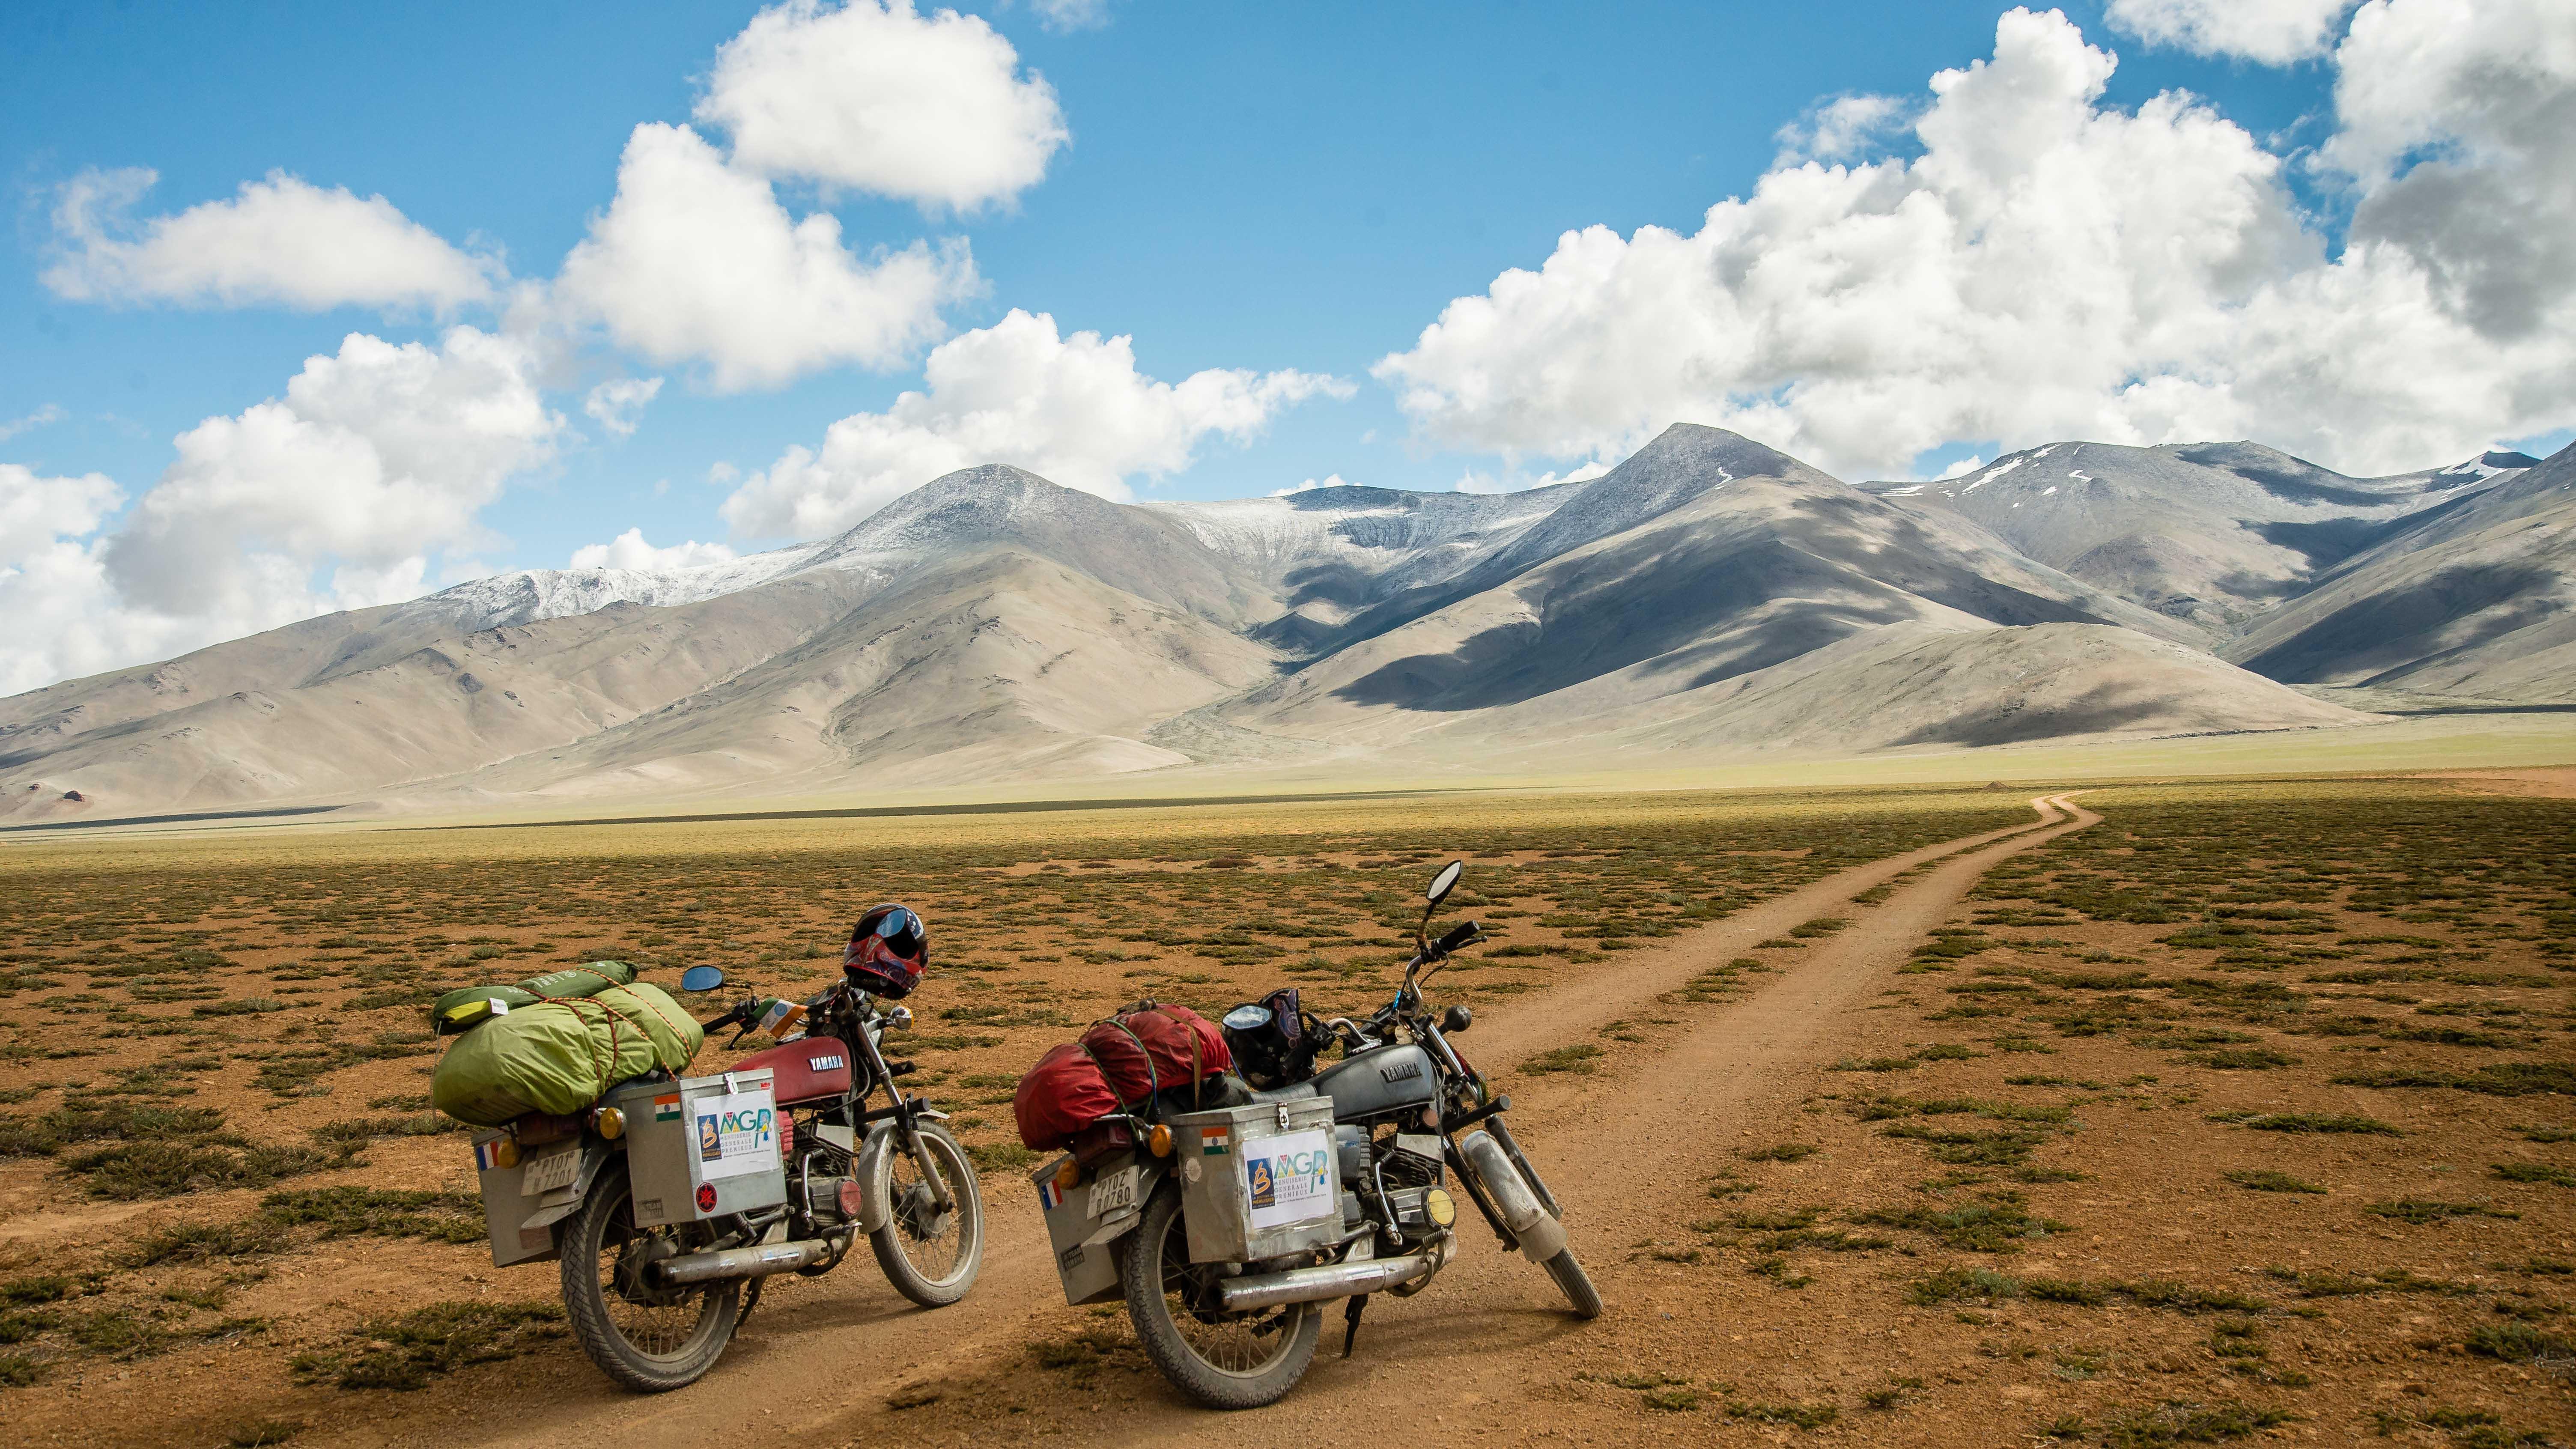 De Manali à Kardung La : 515 km sur la great Himalayan Highway